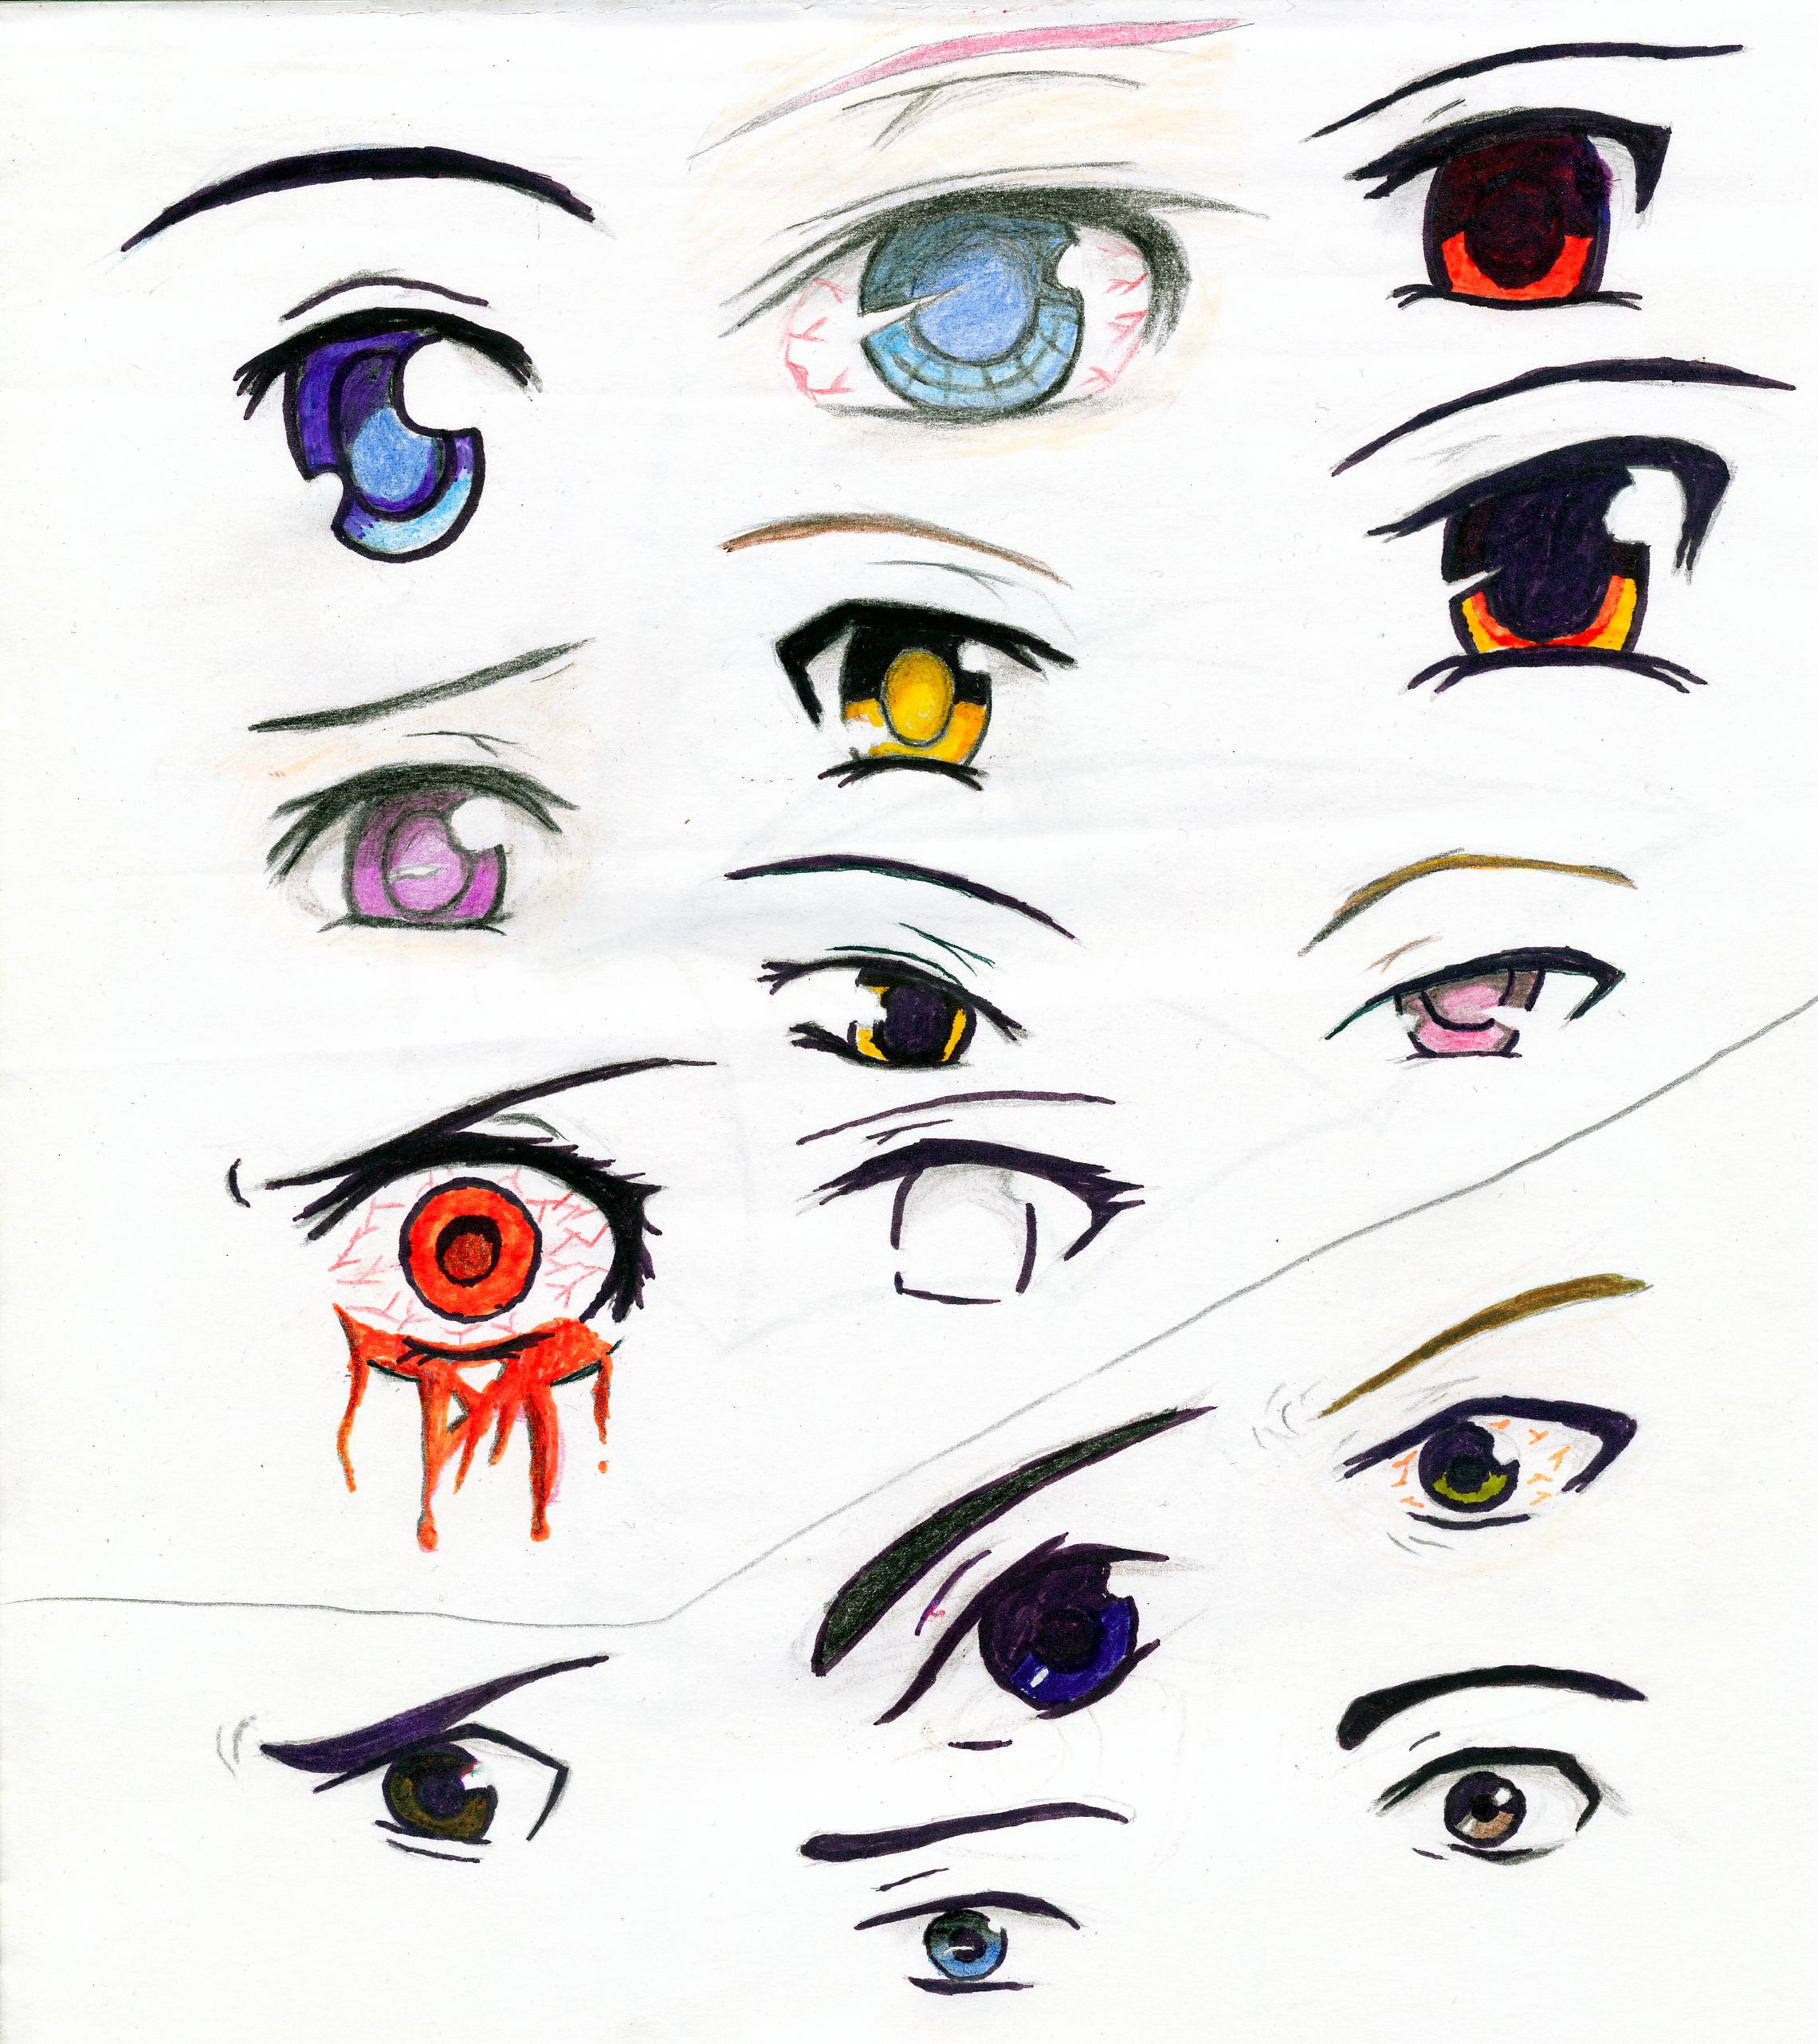 Anime Augen by Erik-Senpai on DeviantArt